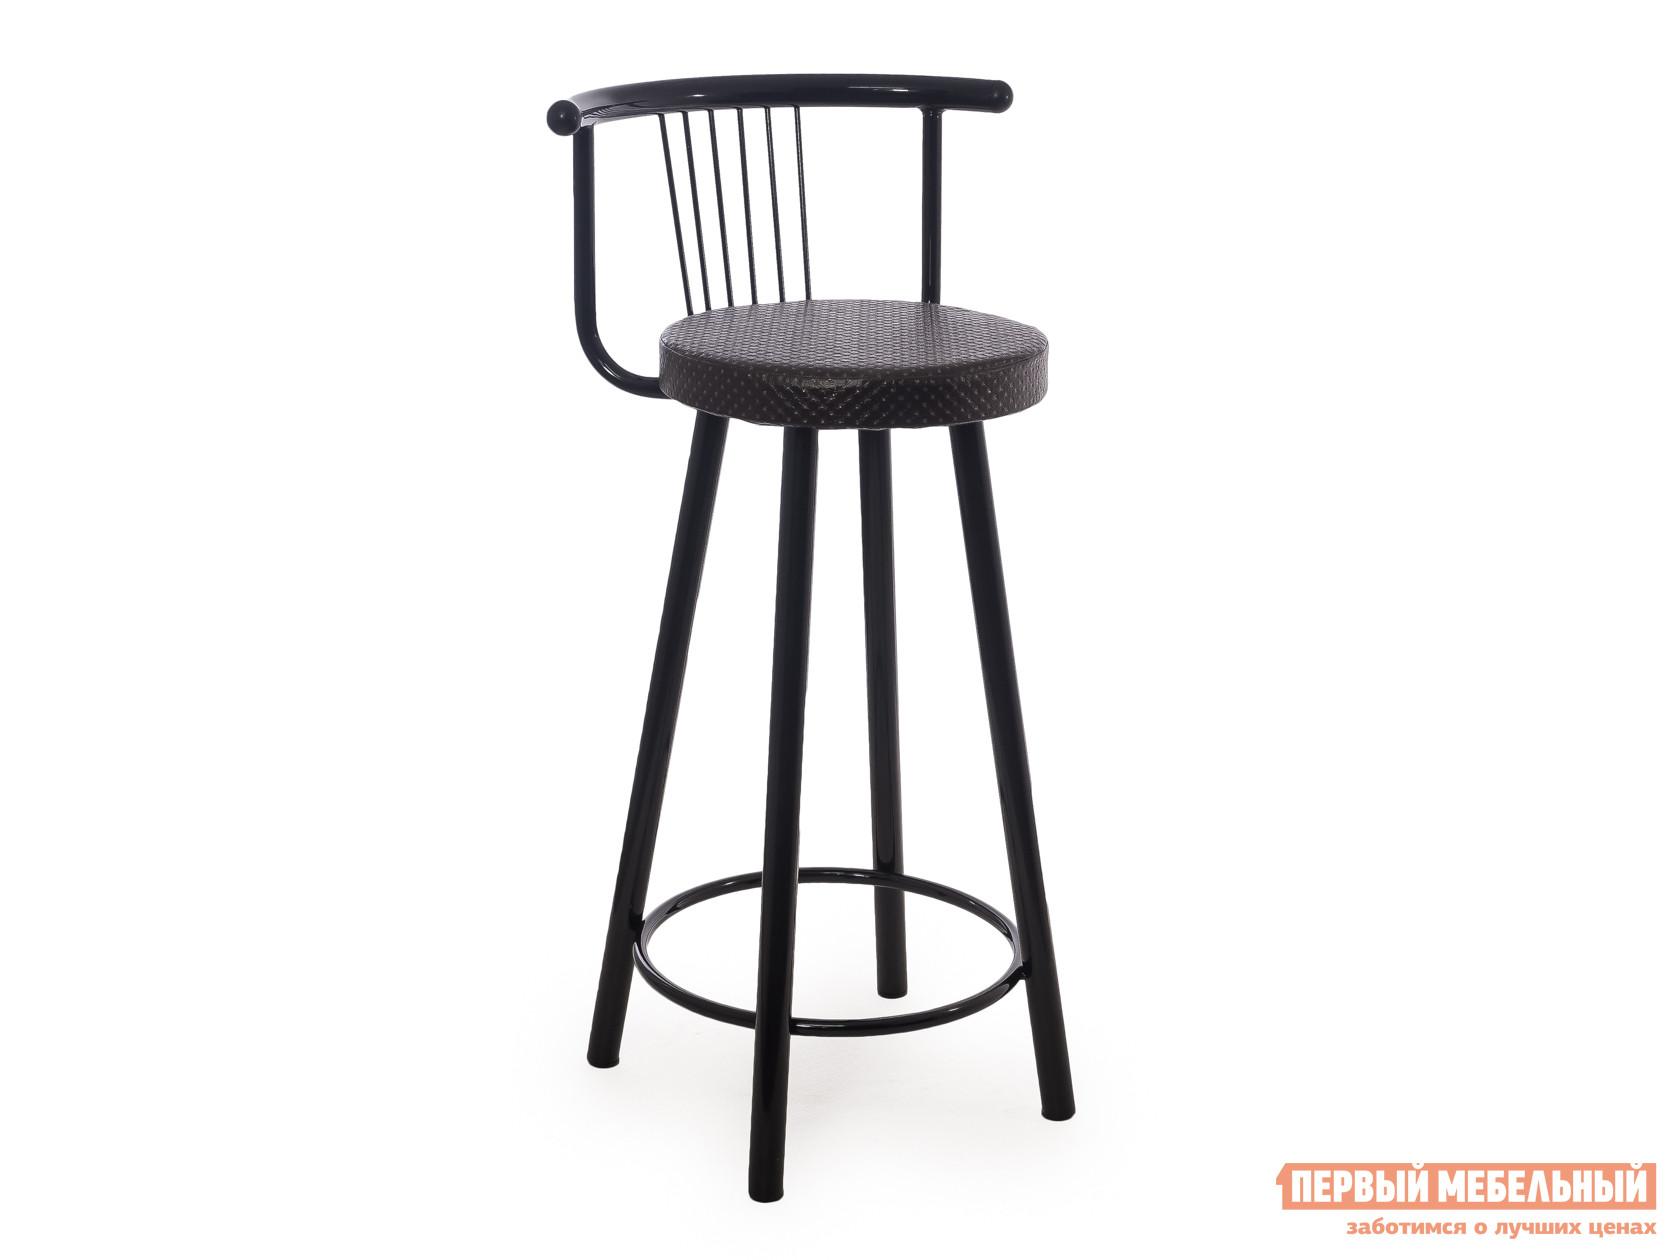 Барный стул Барный Стиль Бронза блеск фото